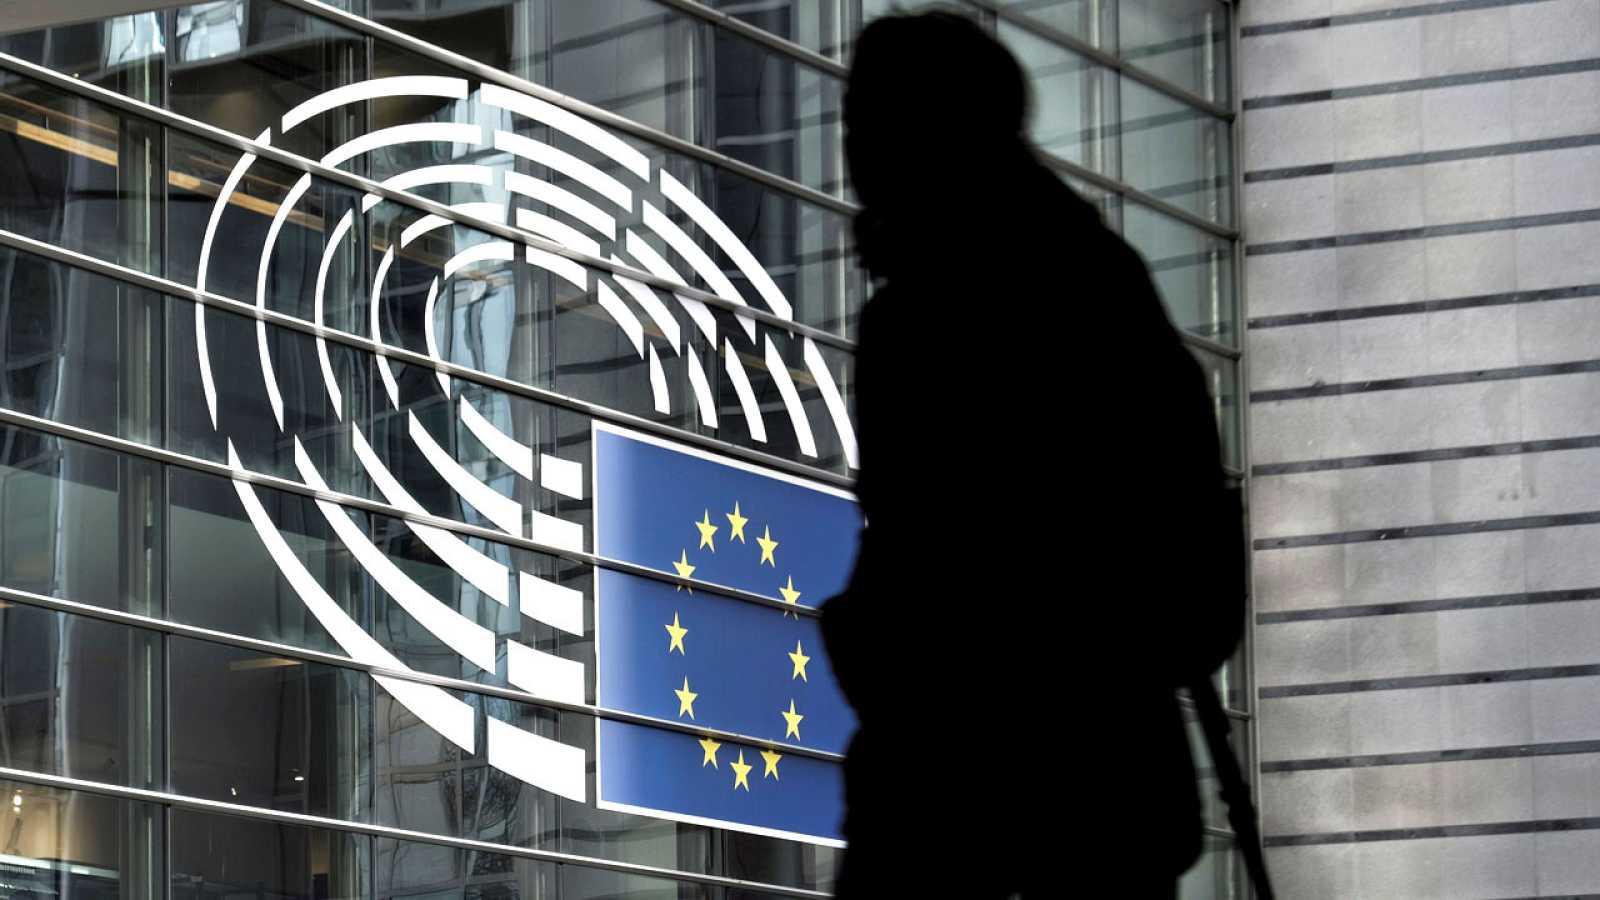 Se celebra el Día de Europa a dos semanas de las elecciones europeas